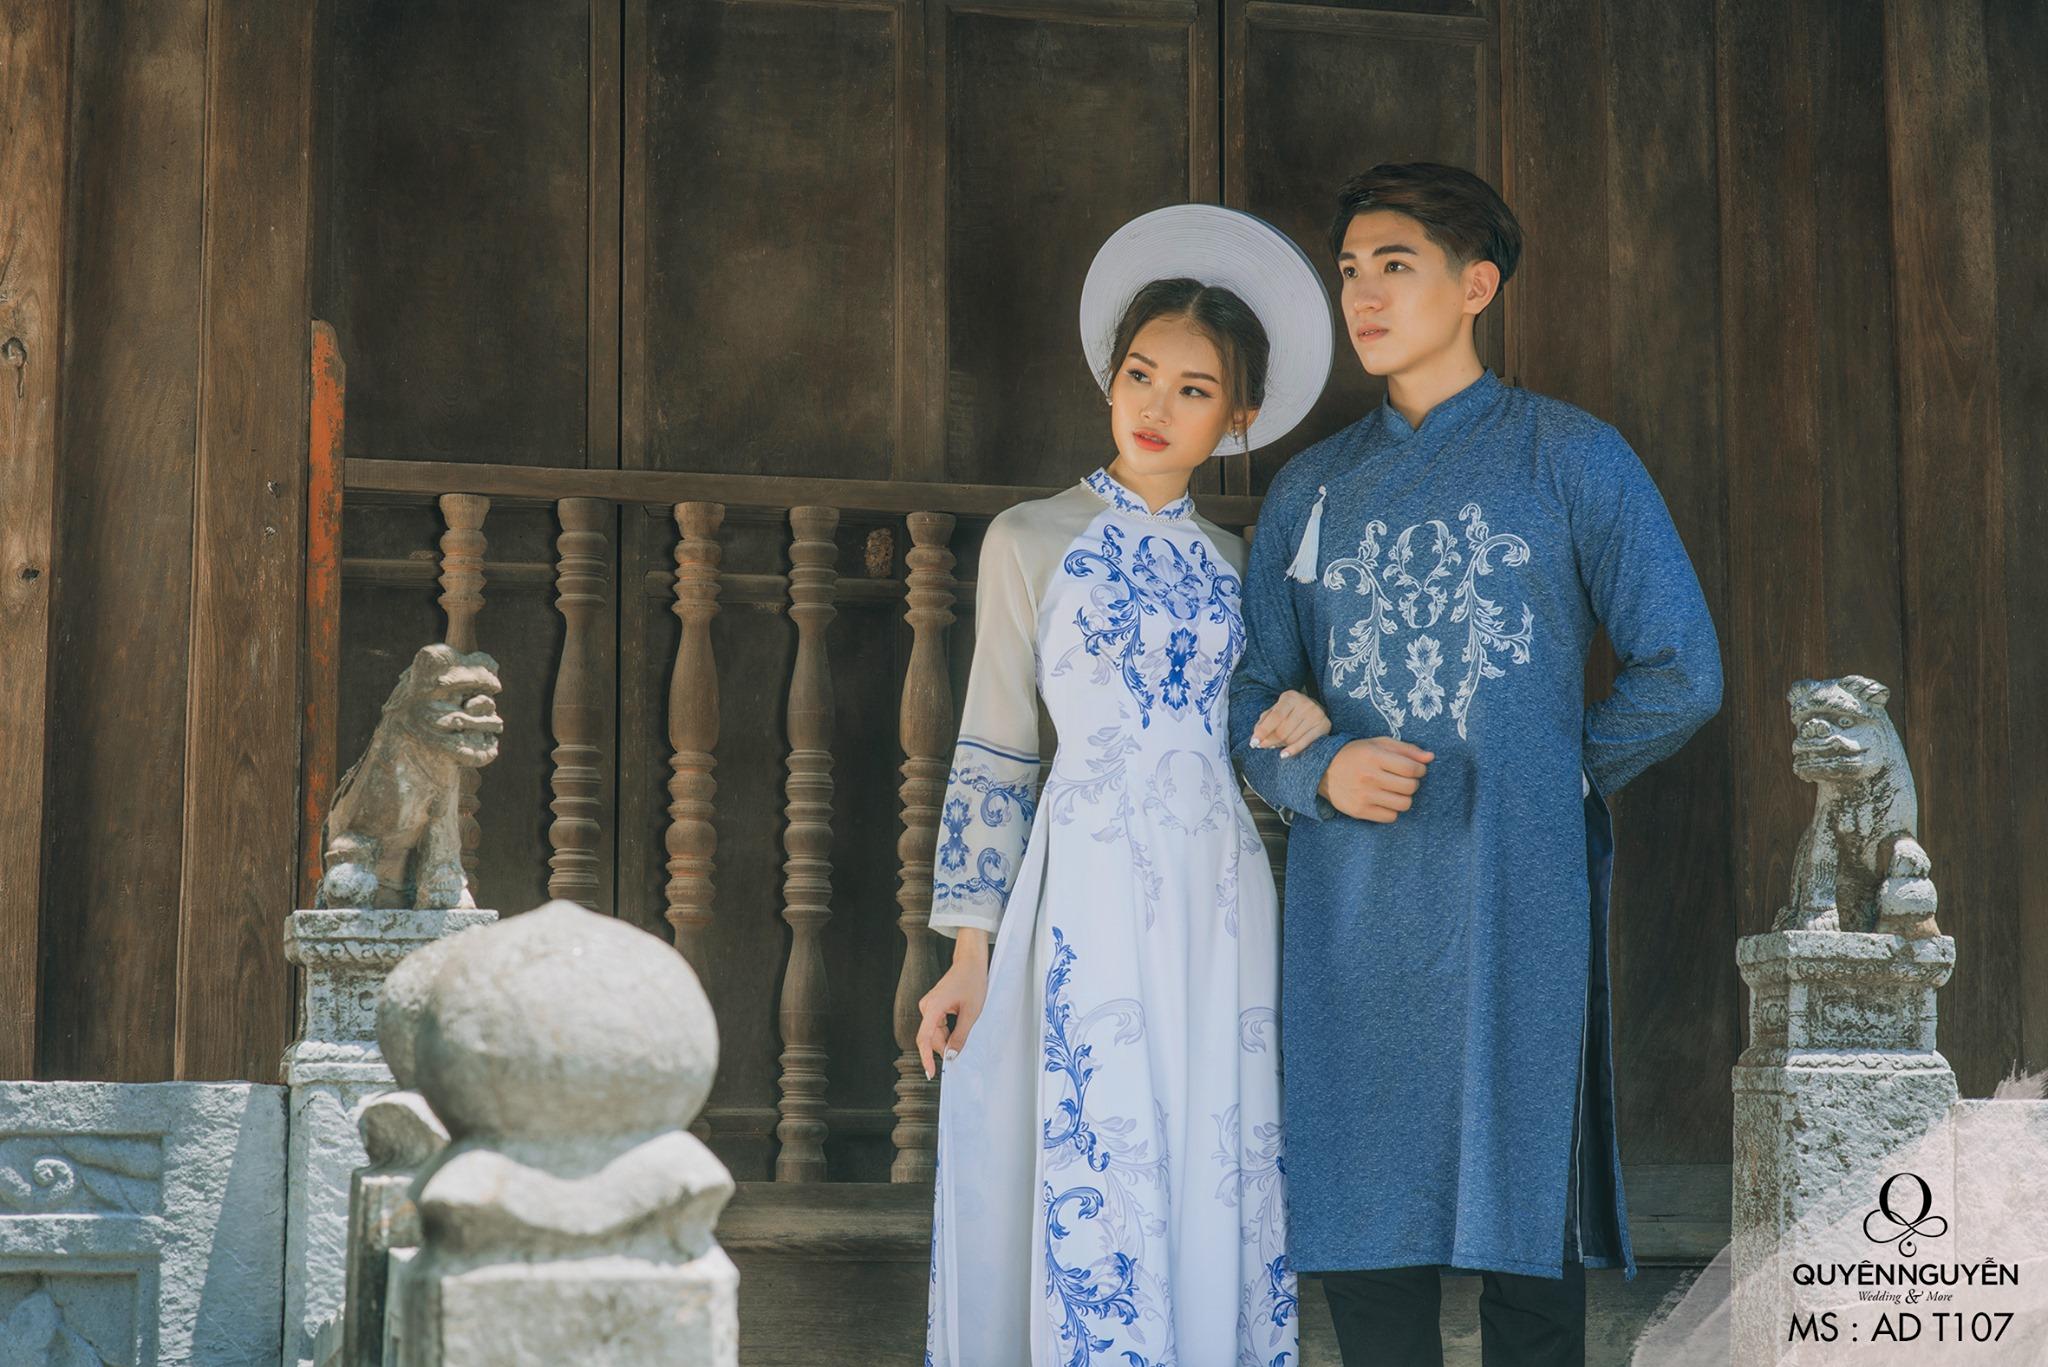 Áo dài trắng với họa tiết xanh tinh tế ADT107